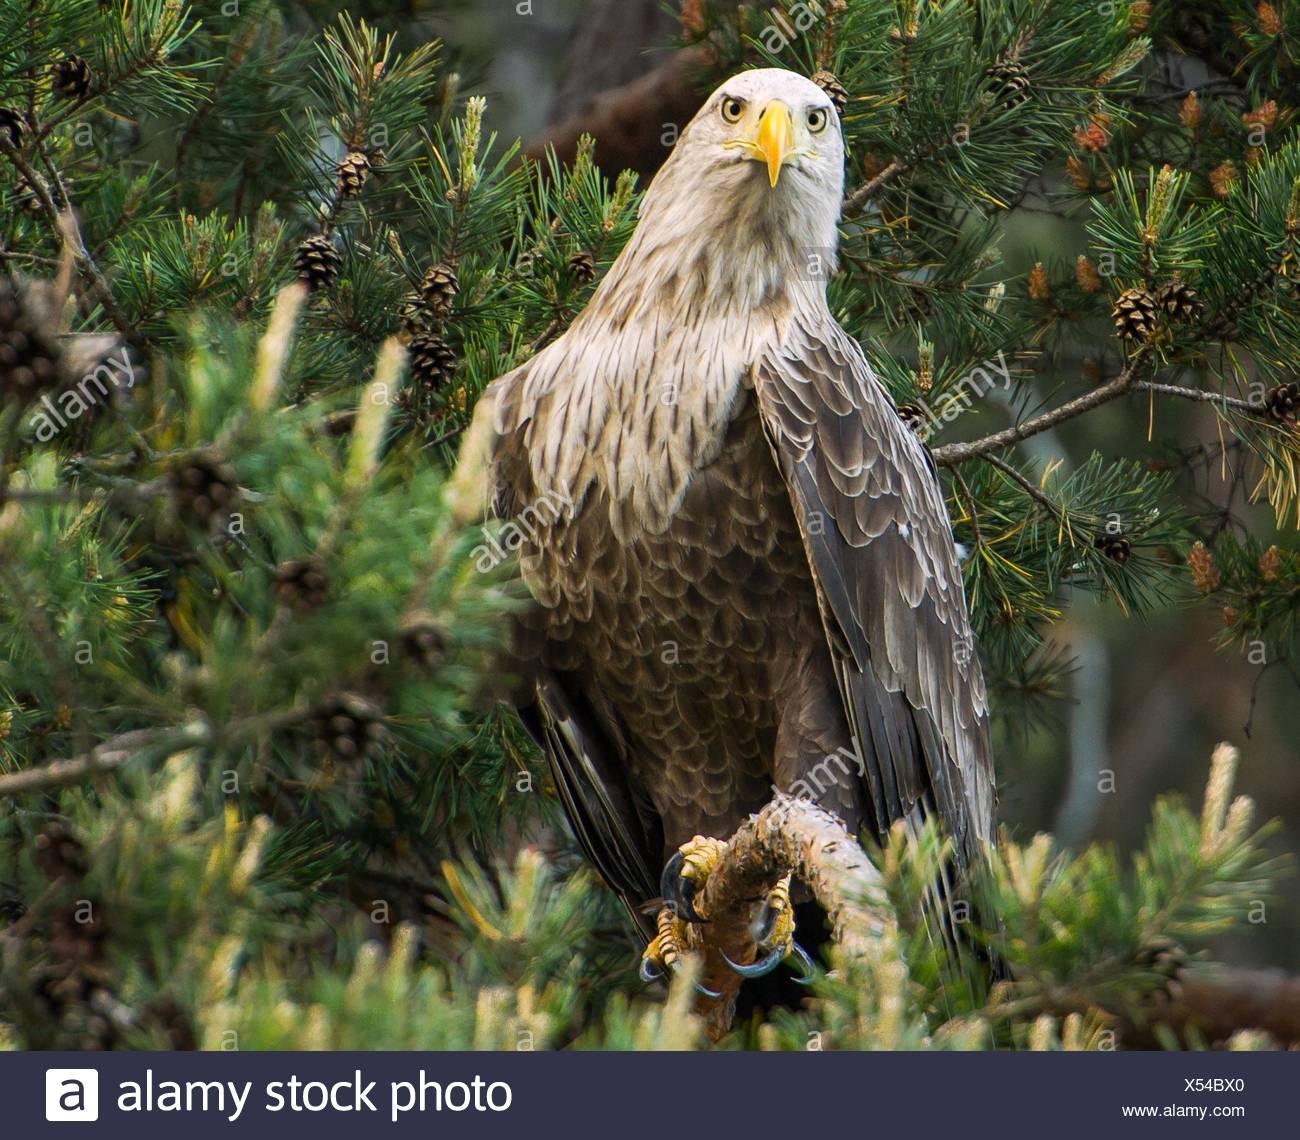 Bird Of prey Stockbild